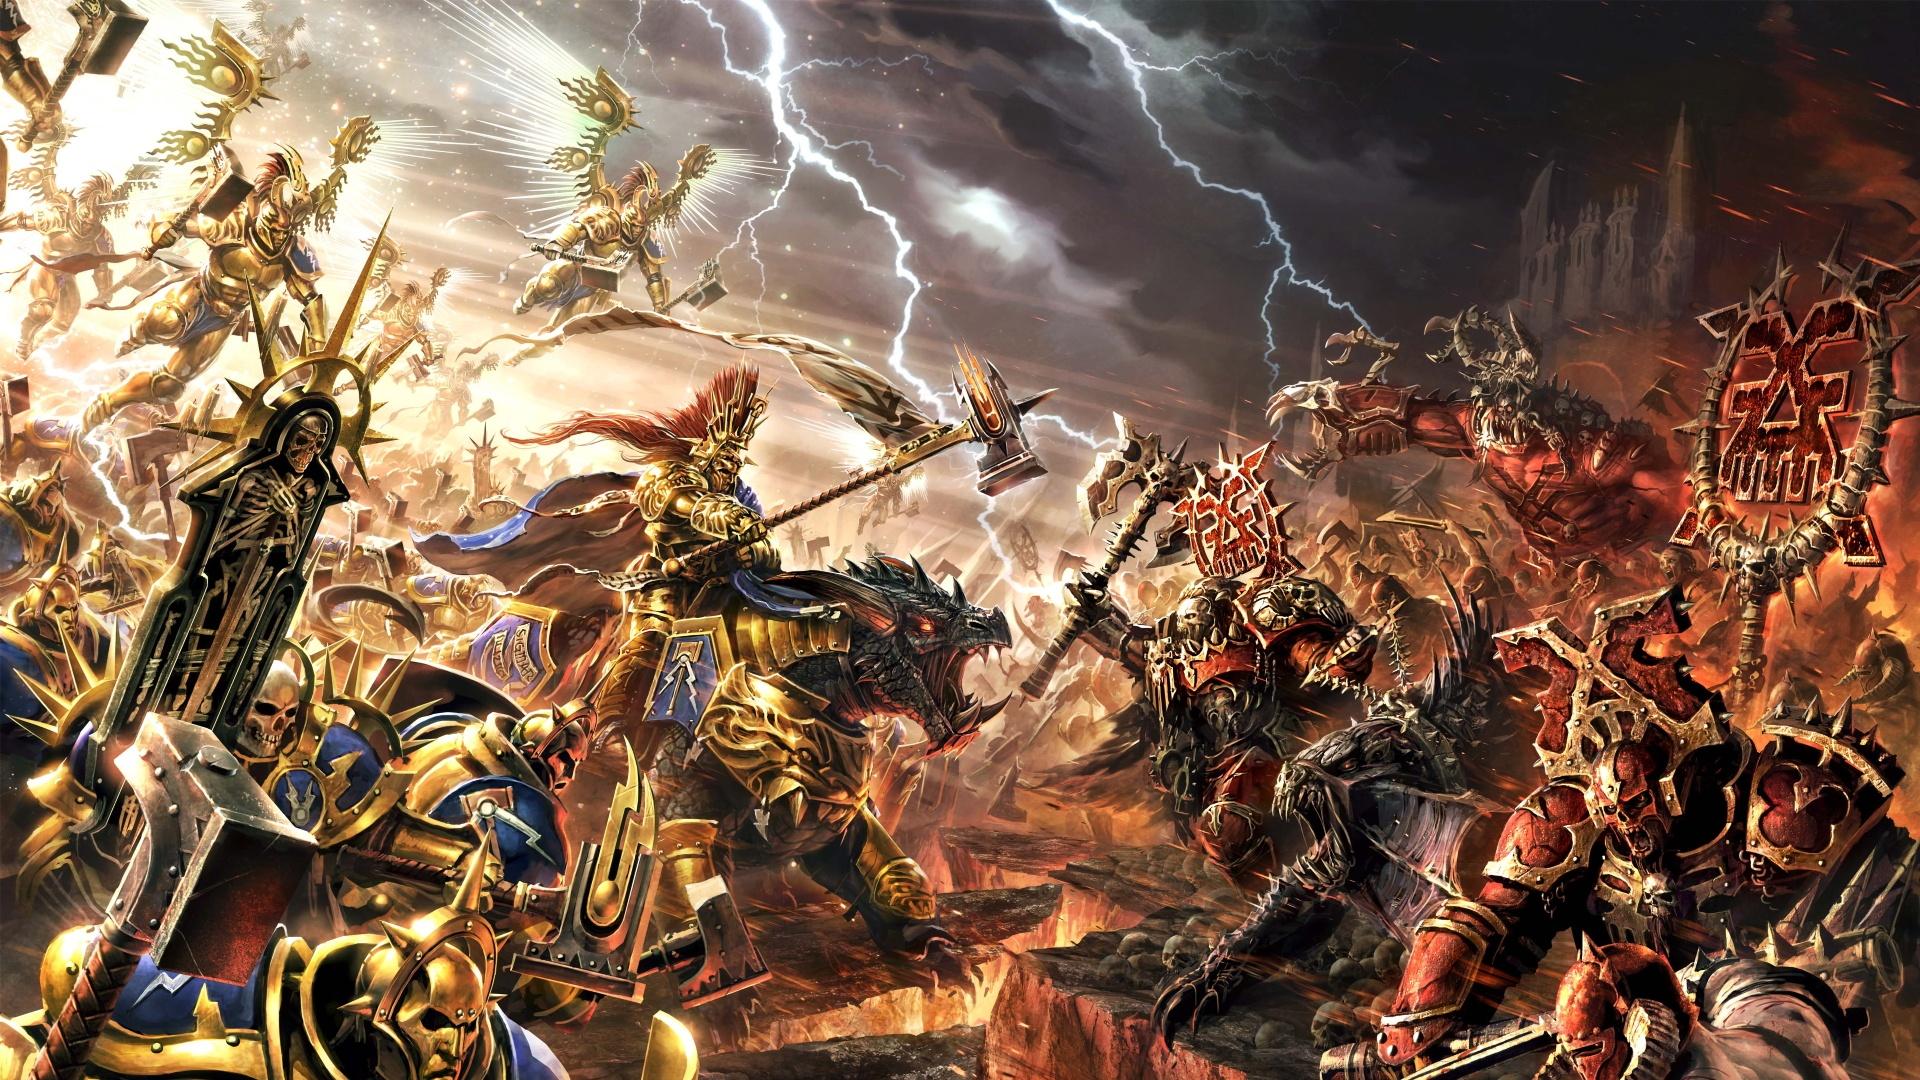 Frontier Developments выпустит стратегию во вселенной Warhammer Age of Sigmar